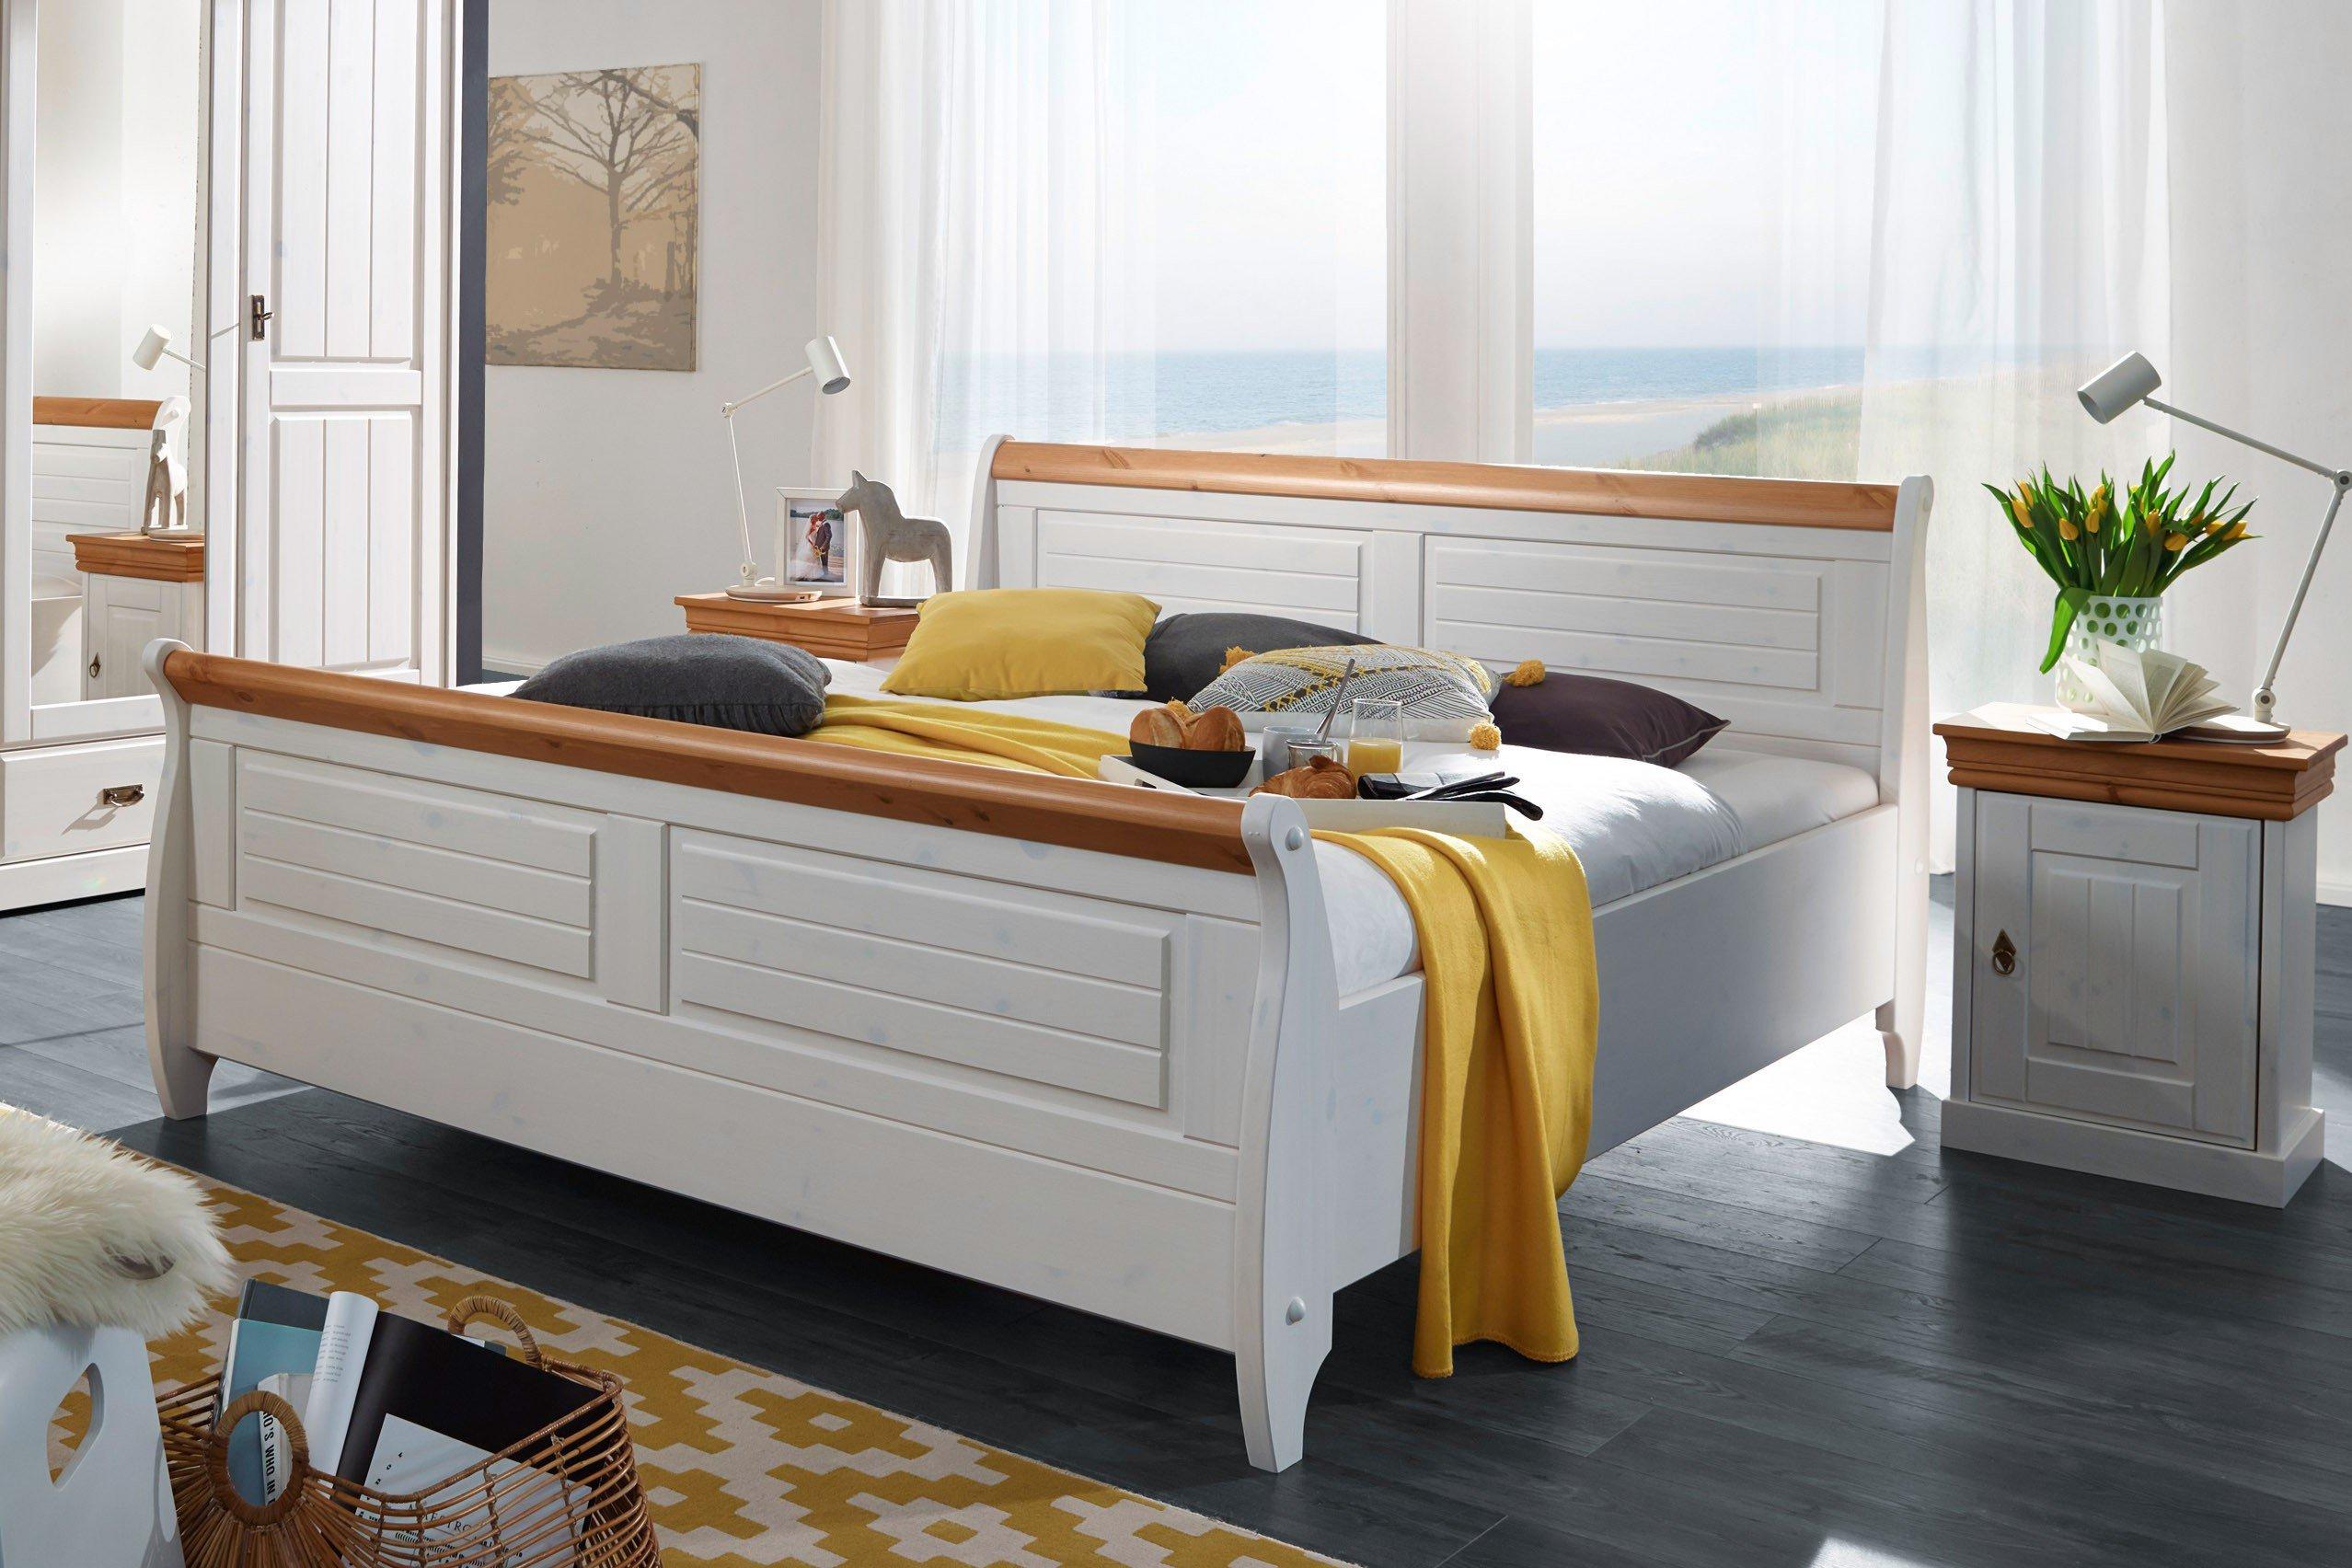 Cool Weißes Holzbett Sammlung Von Roma Von Gk Möbelvertrieb - Kiefer Weiß/